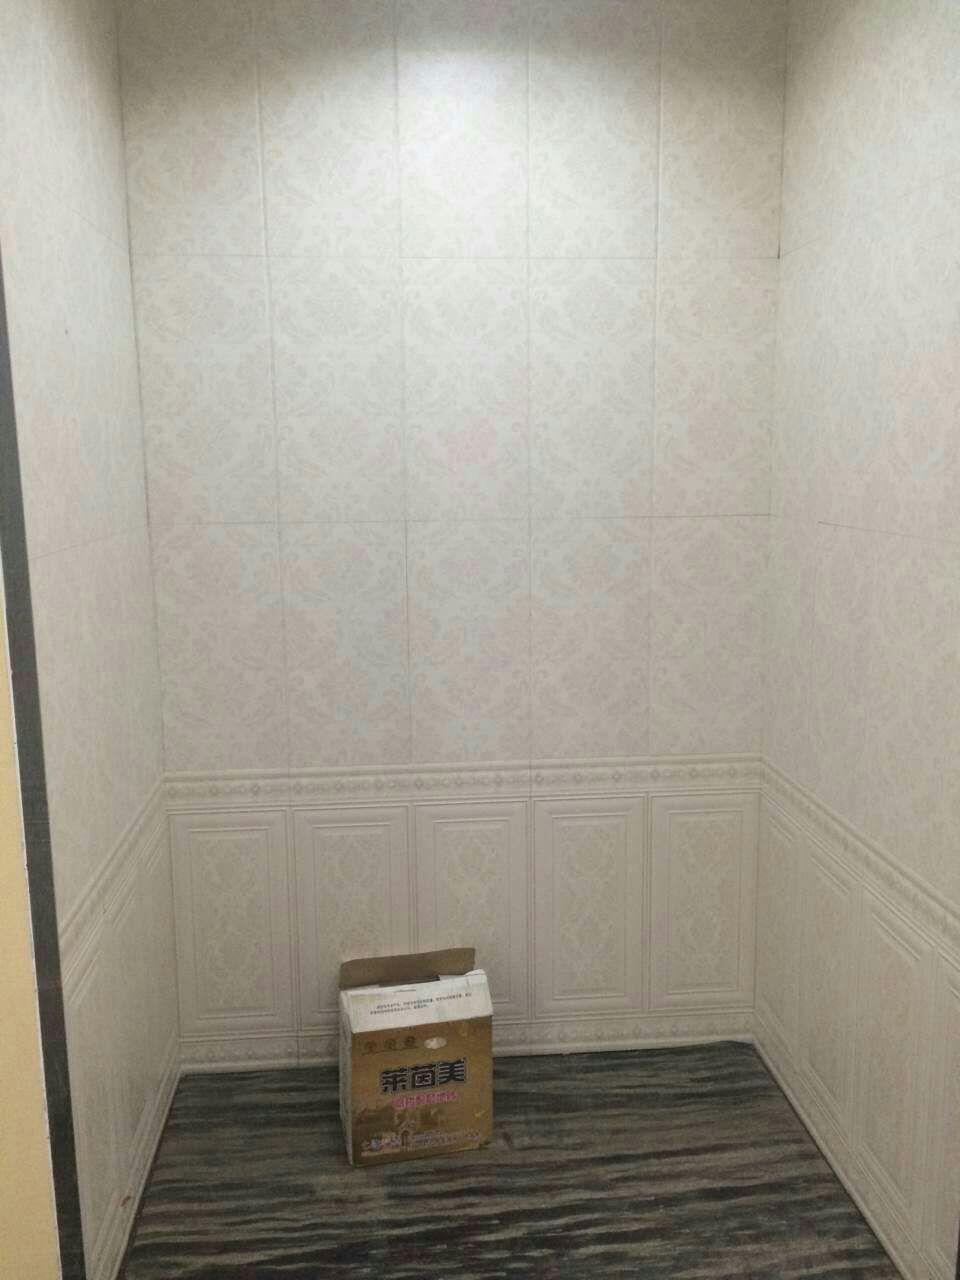 来自吴兆敏发布的招商投资信息:... - 佛山市南海区豪昌陶瓷有限公司